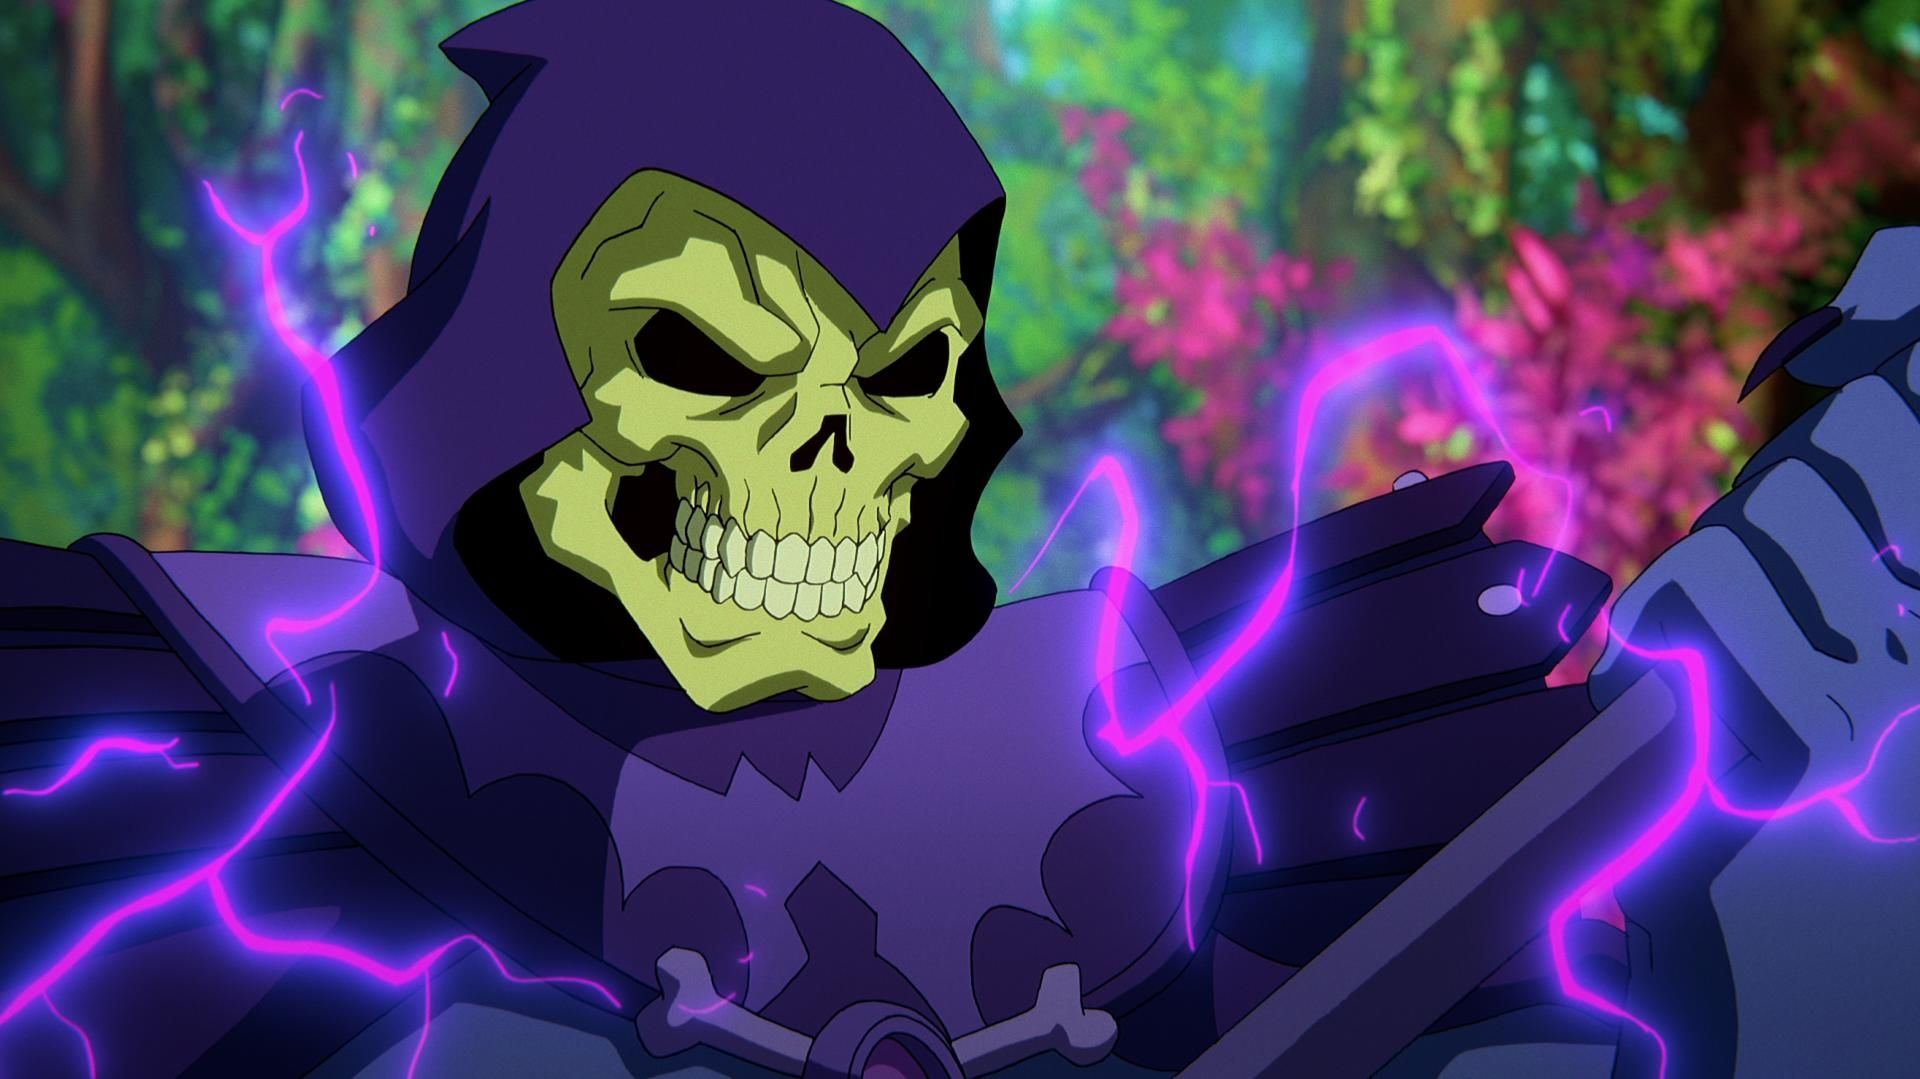 Mestres do Universo: Imagens de análise inicial revelam He-Man e Skeletor 6